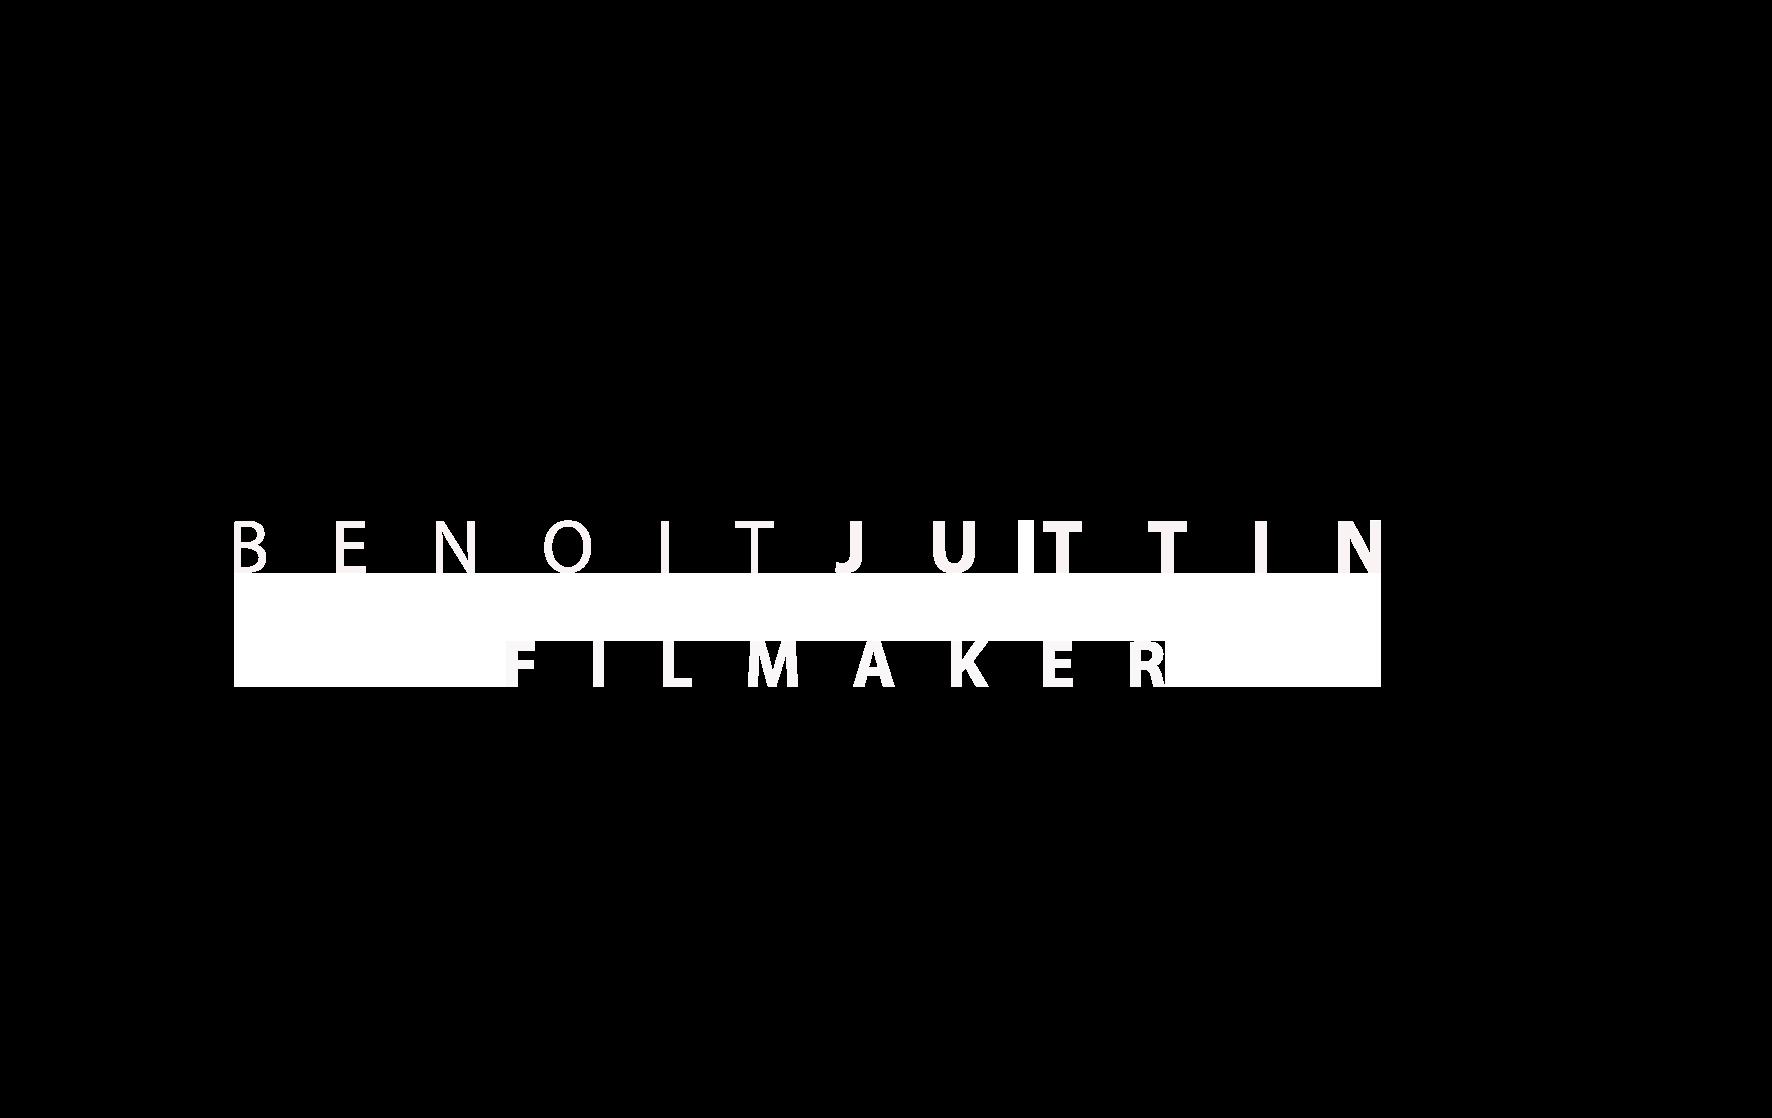 Benoit Juttin Filmaker